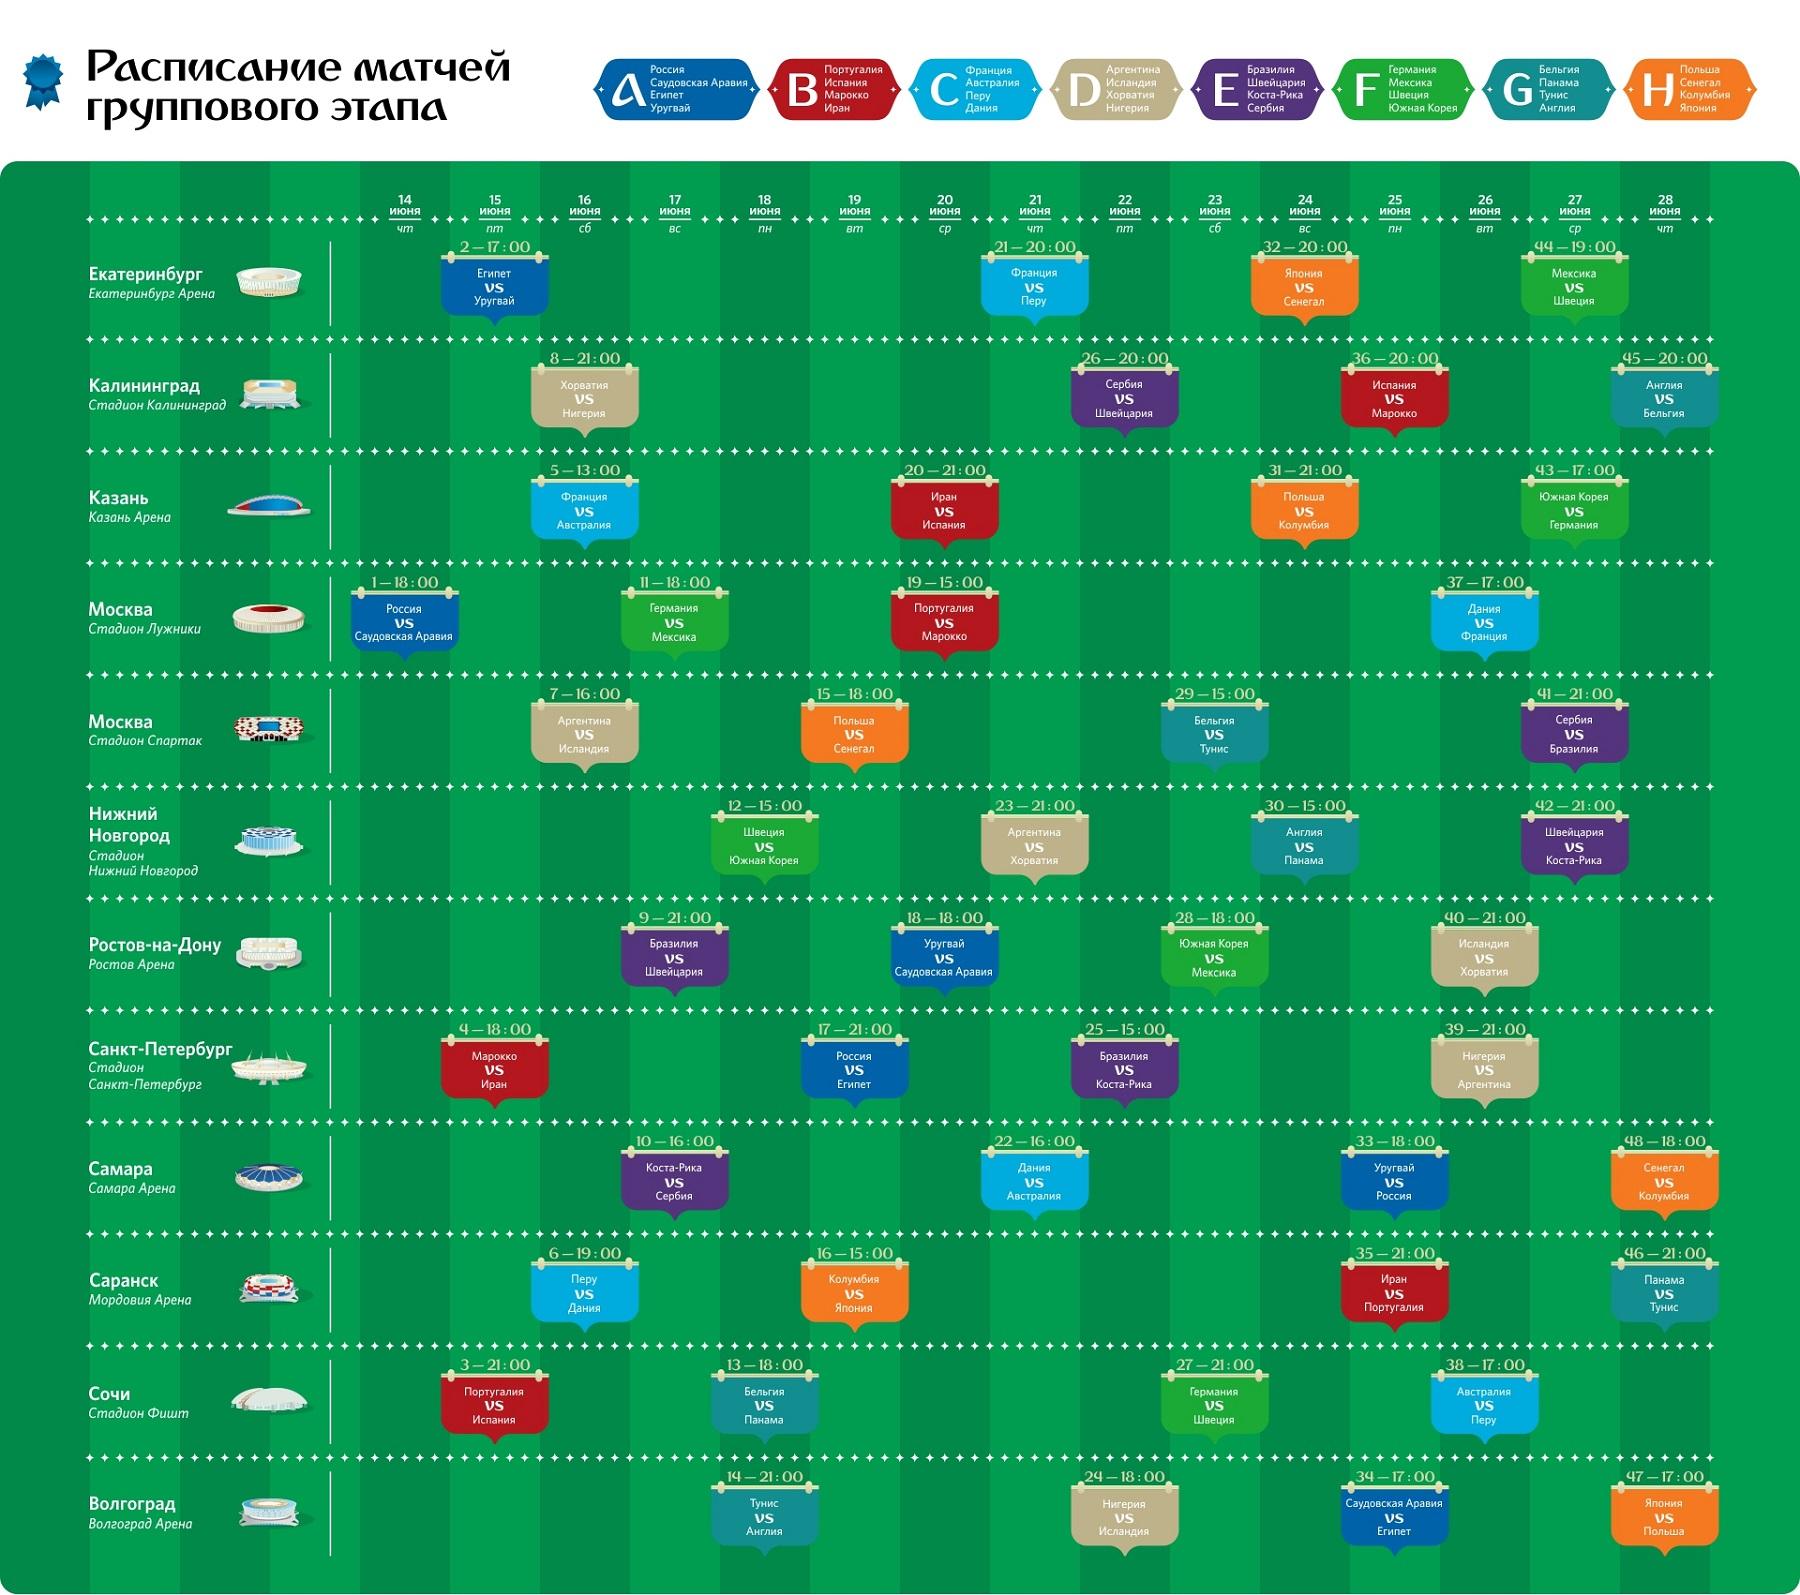 Результаты предварительной и финальной жеребьевки ЧМ 2018